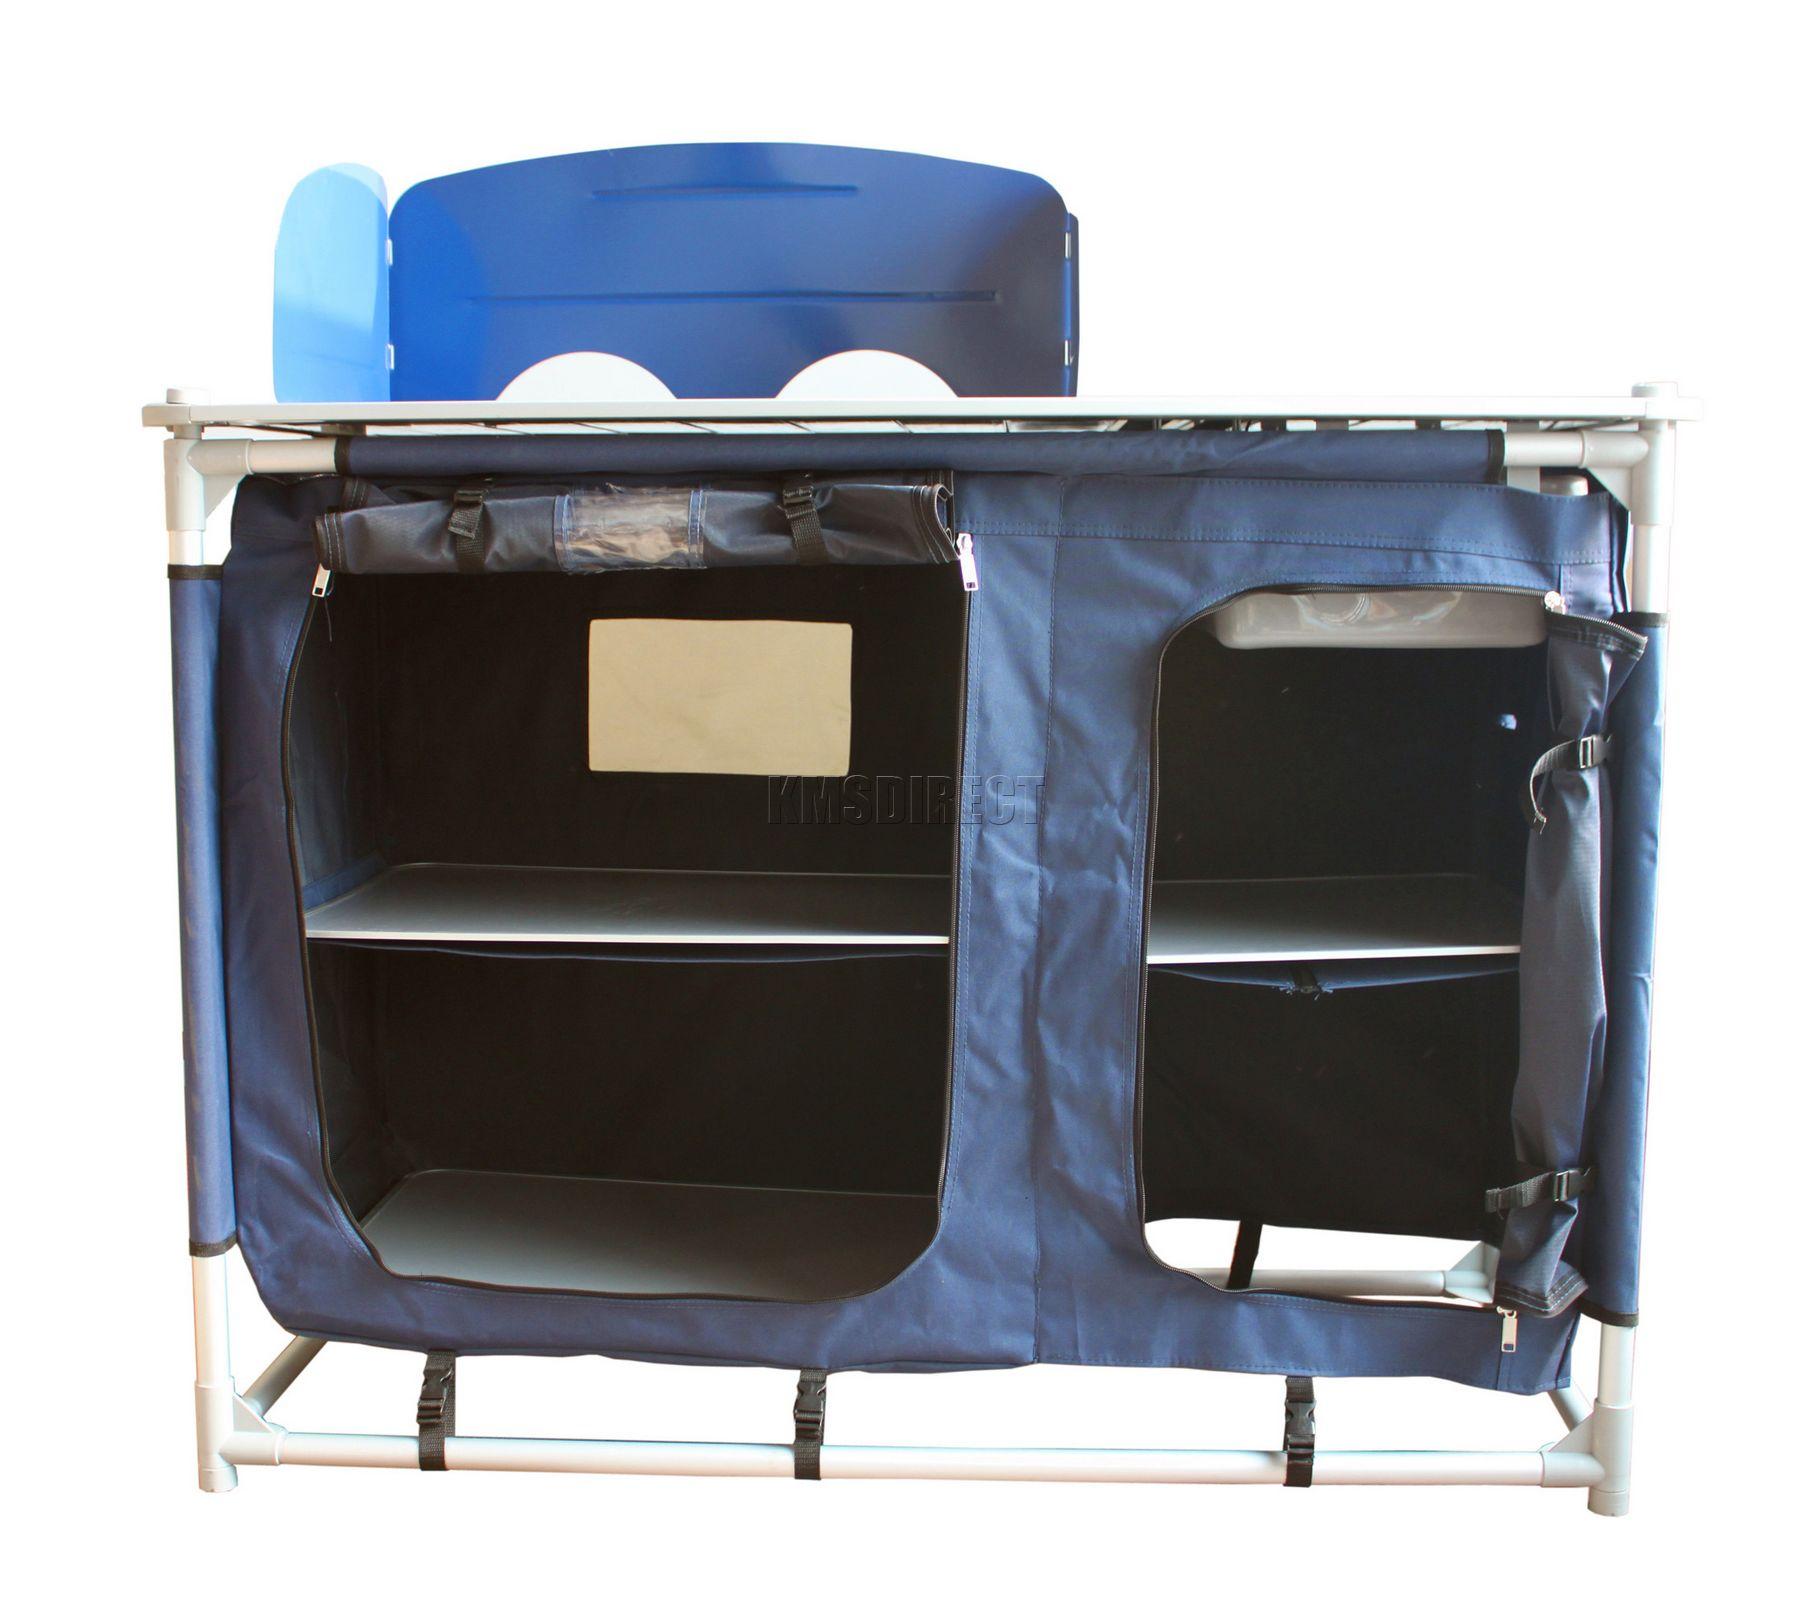 tisch camping k che gestell mit waschbecken aufbewahrung tragbar f r drau en ebay. Black Bedroom Furniture Sets. Home Design Ideas